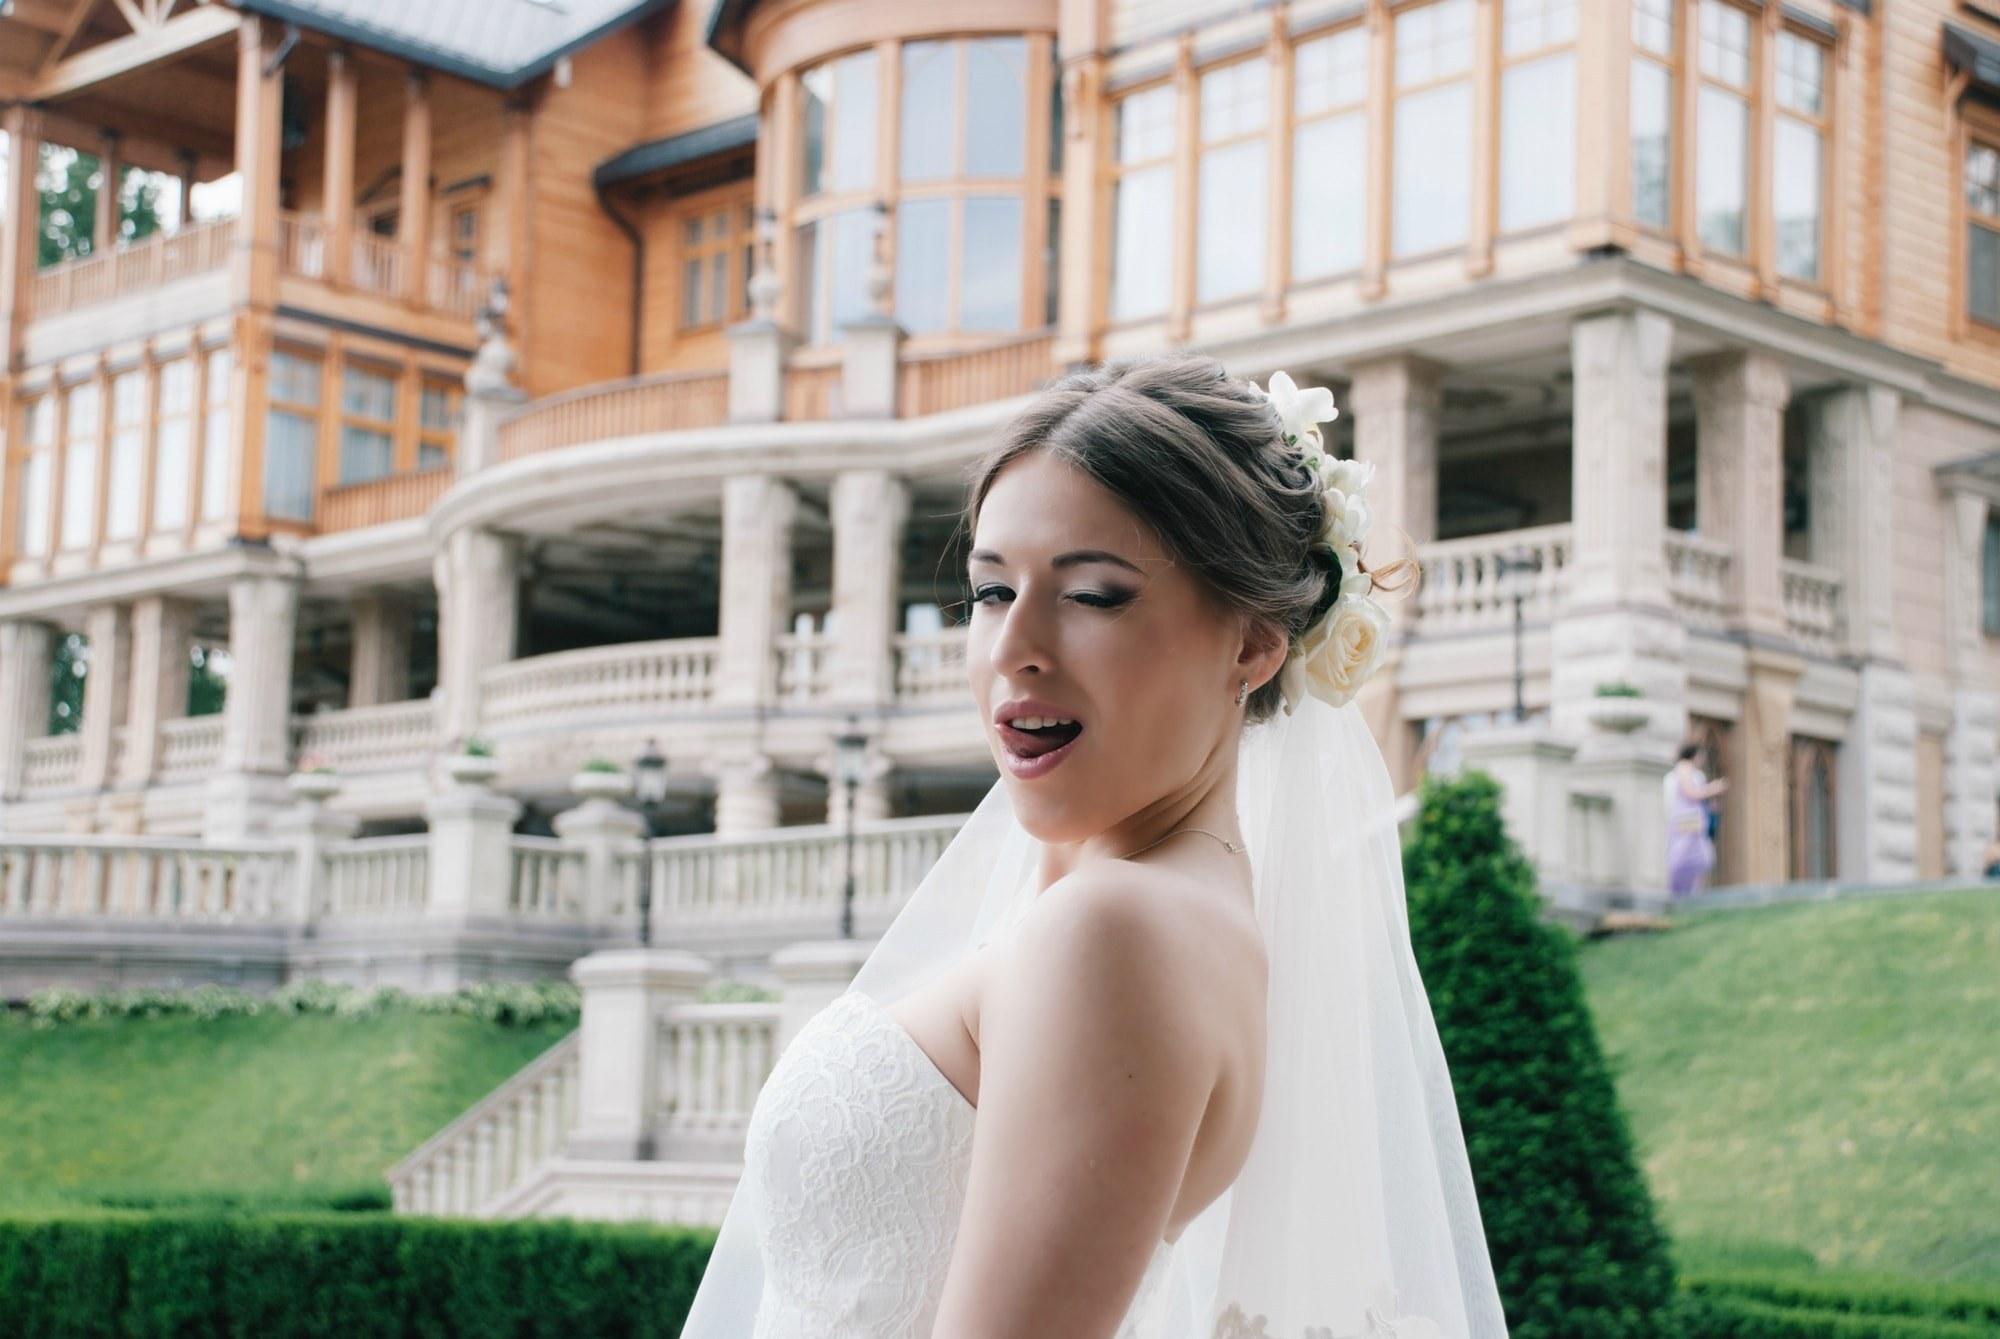 Невеста подмигивает фотографу - Фотограф Киев - Женя Лайт